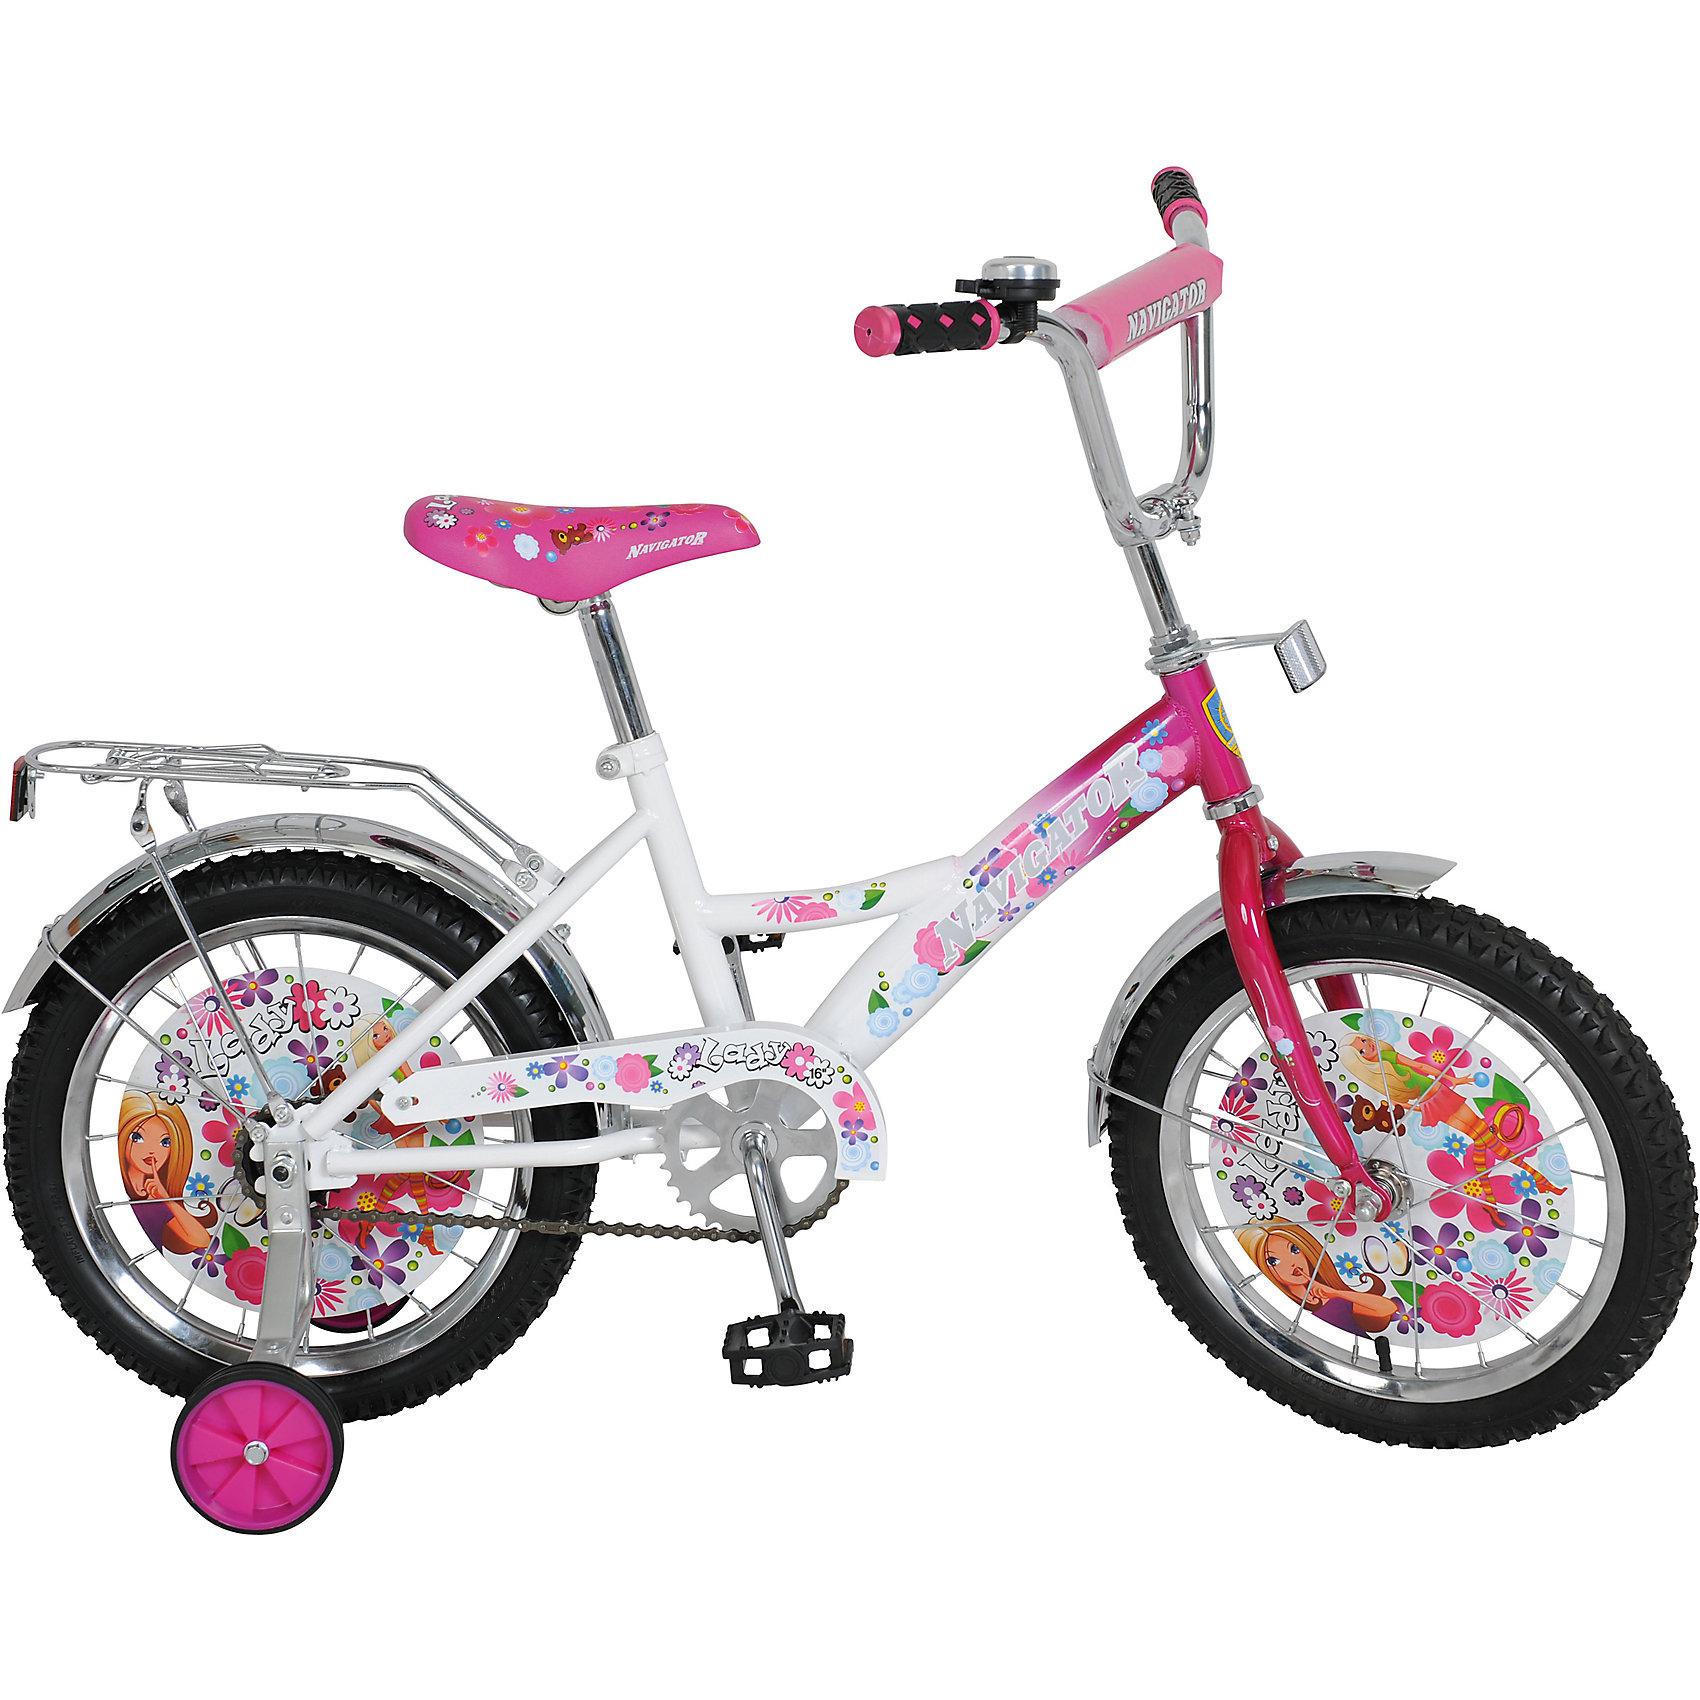 Велосипед Lady, бело-розовый, NavigatorВелосипед Lady, бело-розовый, Navigator (Навигатор) – это яркий, стильный, надежный велосипед высокого качества.<br>Детский велосипед Lady - это невероятно яркая, элегантная и интересная модель транспортного средства. Продуманная конструкция сводит к минимуму риск получить травму. Рама велосипеда выполнена из высокопрочного металла. Покрытие рамы устойчиво к царапинам. Высота руля и сиденья легко регулируется в соответствии с возрастом и ростом ребенка. Колеса оснащены резиновыми шинами, которые хорошо удерживают воздух. Велосипед имеет дополнительные съемные страховочные колеса, защиту цепи, стальные обода для защиты от брызг, удобное сиденье эргономичной формы, звонок, задний багажник. Впереди и под багажником прикреплены светоотражатели. На ручках руля нескользящие накладки. Основные колеса декорированы яркими вставками. Катание на велосипеде поможет ребенку укрепить опорно-двигательную и сердечнососудистую системы.<br><br>Дополнительная информация:<br><br>- Возрастная категория: от 4 до 6 лет<br>- Подходит для детей ростом 100-125 см.<br>- Диаметр колёс: 16 дюймов<br>- Односоставной шатун<br>- Ножной тормоз<br>- Рама: KITE-тип<br>- Материал рамы: сталь<br>- Цвет: белый, розовый<br>- Вес в упаковке: 10,85 кг.<br><br>Велосипед Lady, бело-розовый, Navigator (Навигатор) можно купить в нашем интернет-магазине.<br><br>Ширина мм: 890<br>Глубина мм: 170<br>Высота мм: 420<br>Вес г: 10850<br>Возраст от месяцев: 60<br>Возраст до месяцев: 120<br>Пол: Женский<br>Возраст: Детский<br>SKU: 4655148